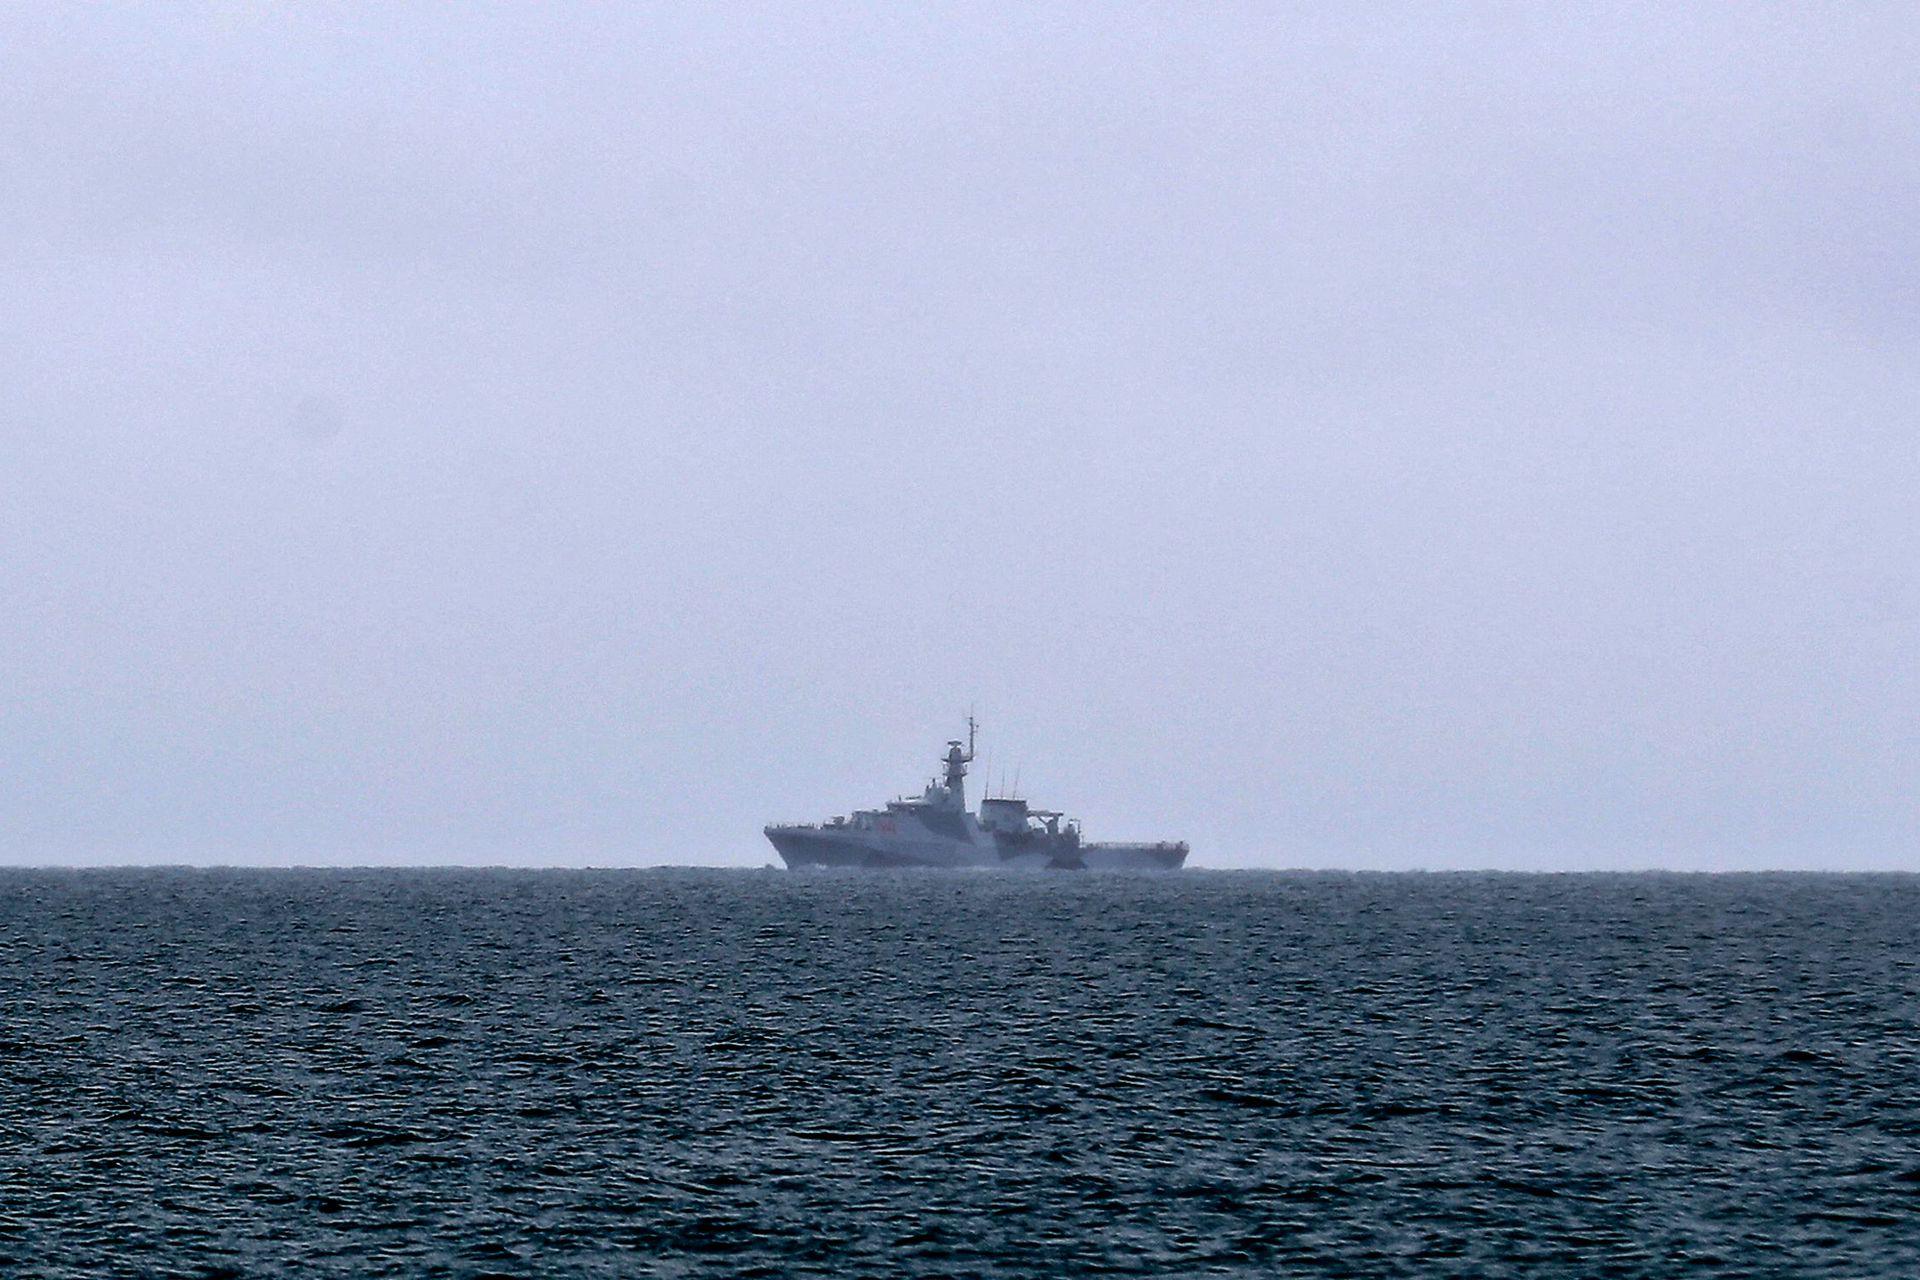 El buque patrullero de alta mar HMS Tamar de la Armada Británica patrulla las aguas frente a la isla de Jersey